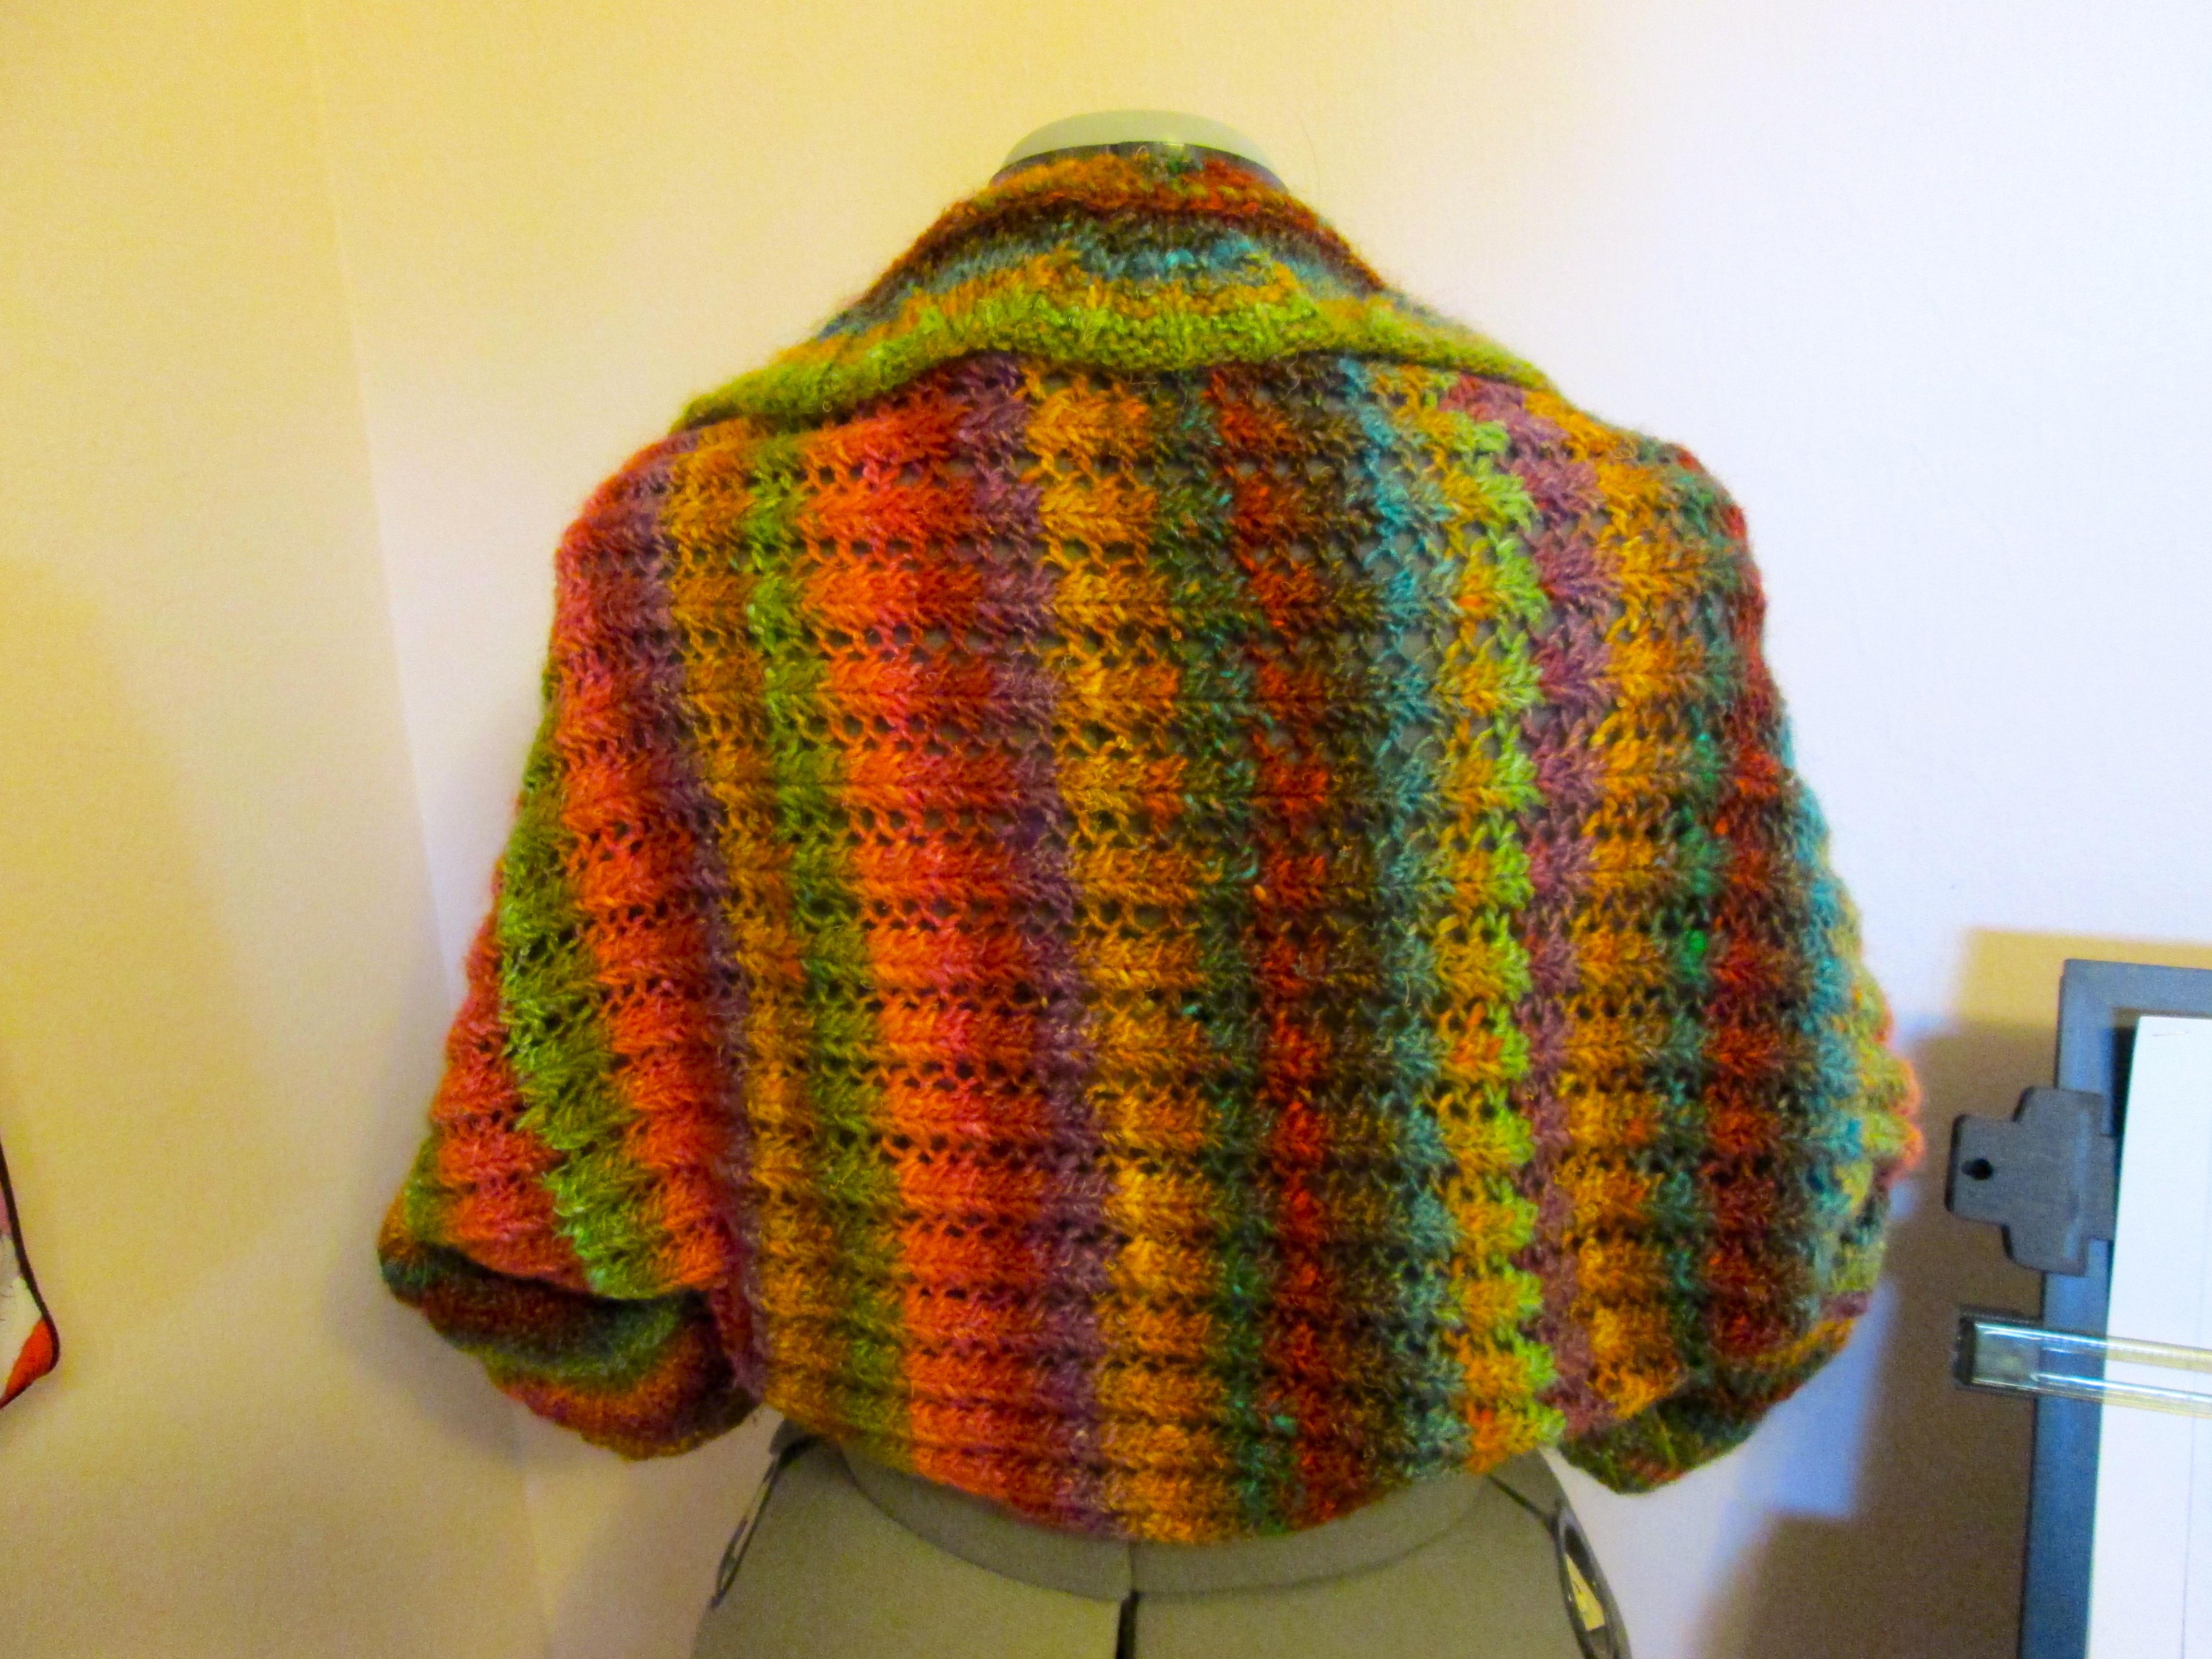 My Knitting, My Self | 1WriteWay